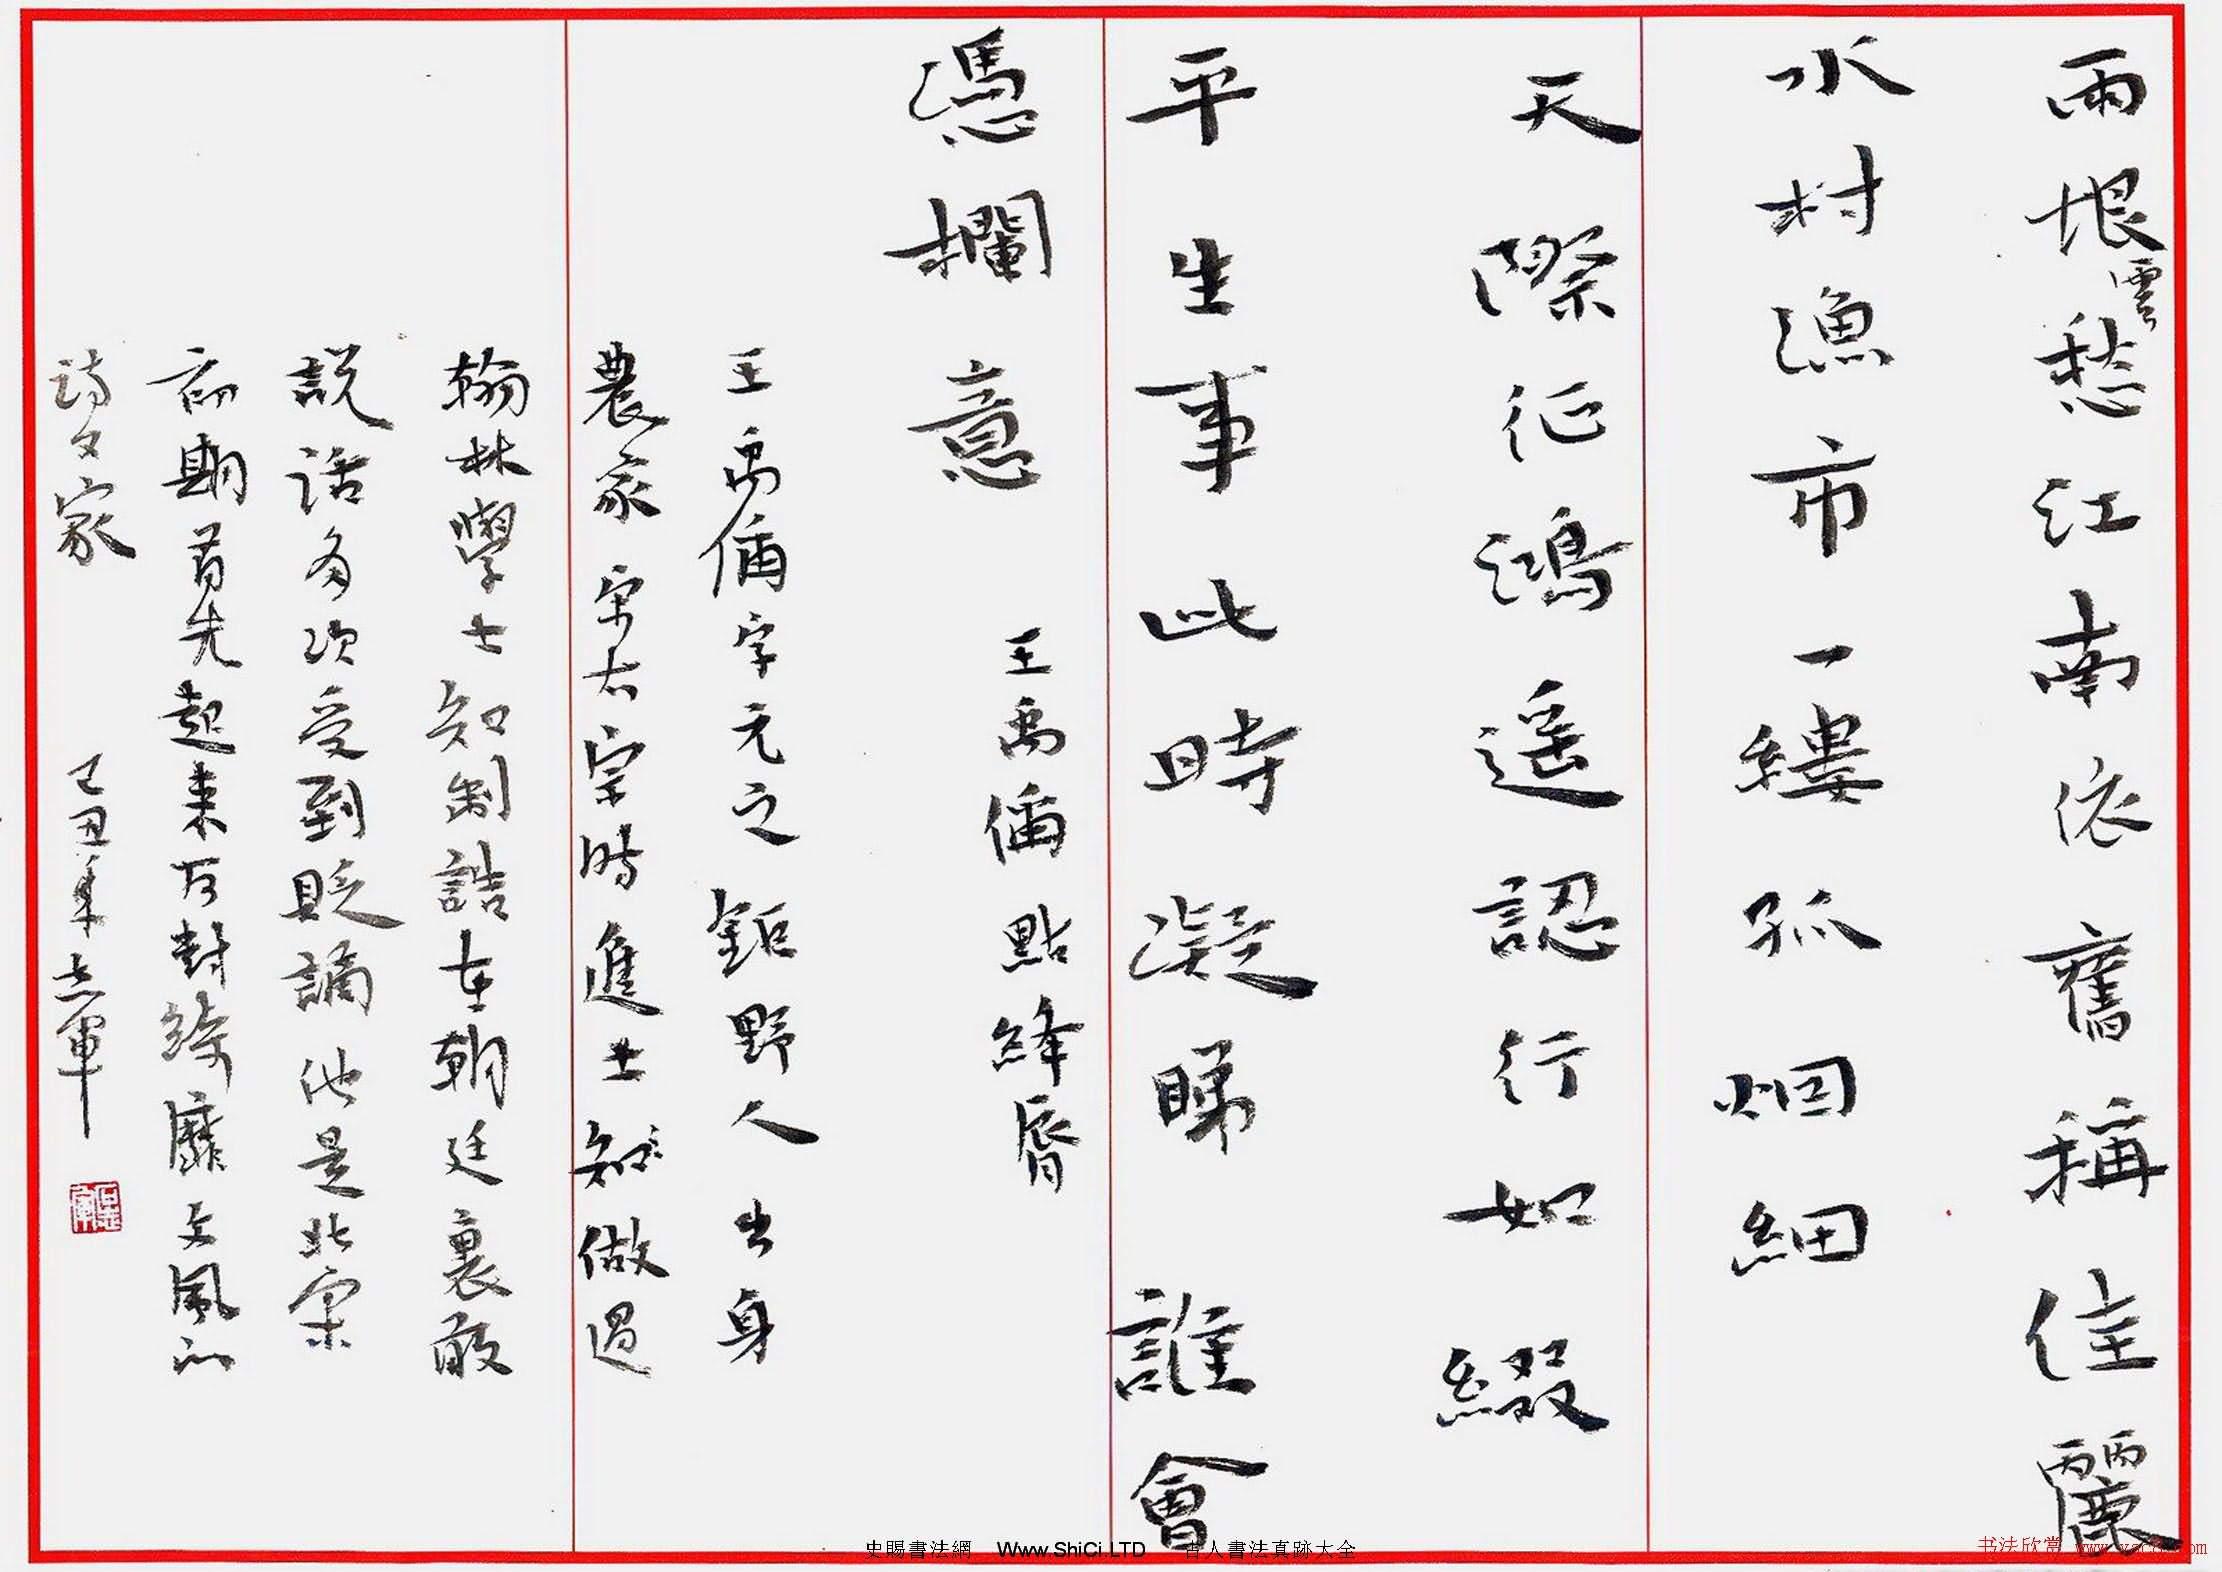 石志軍軟硬筆書法作品真跡(共9張圖片)